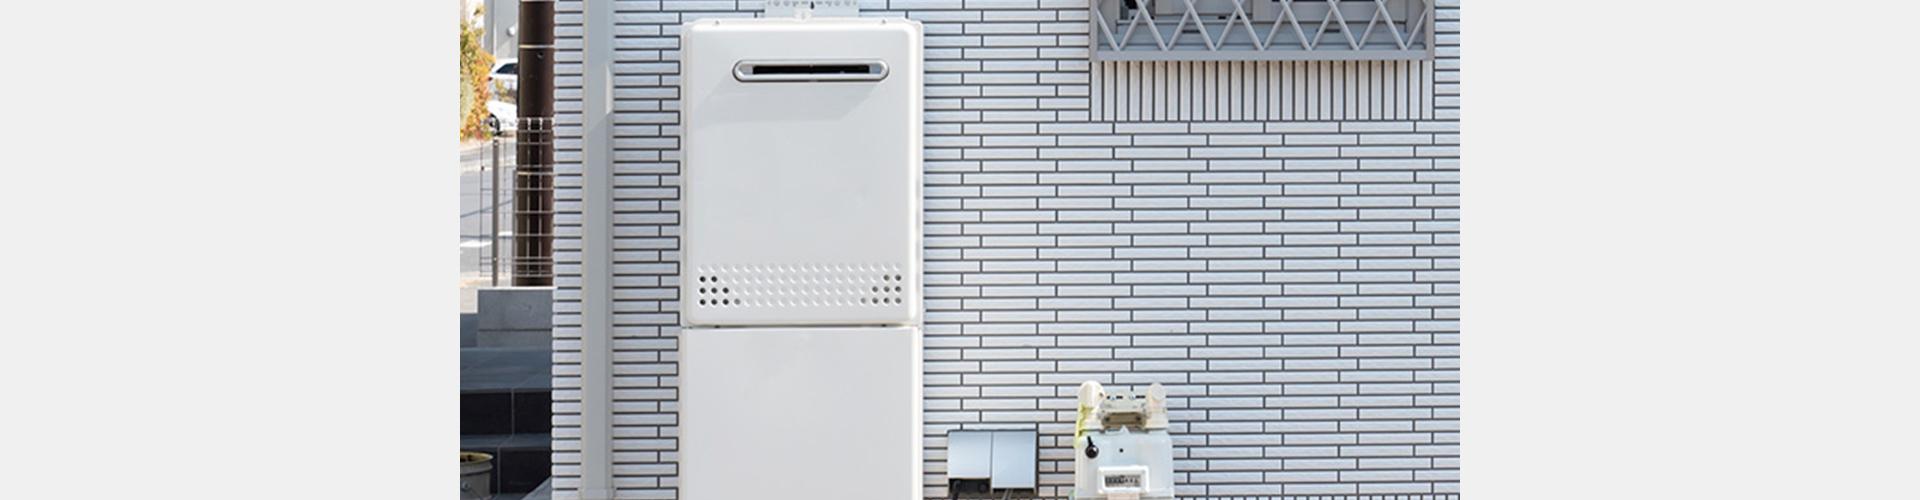 おふろを自動で沸かし、洗面・キッチン・カワック・床暖房も1台でOK